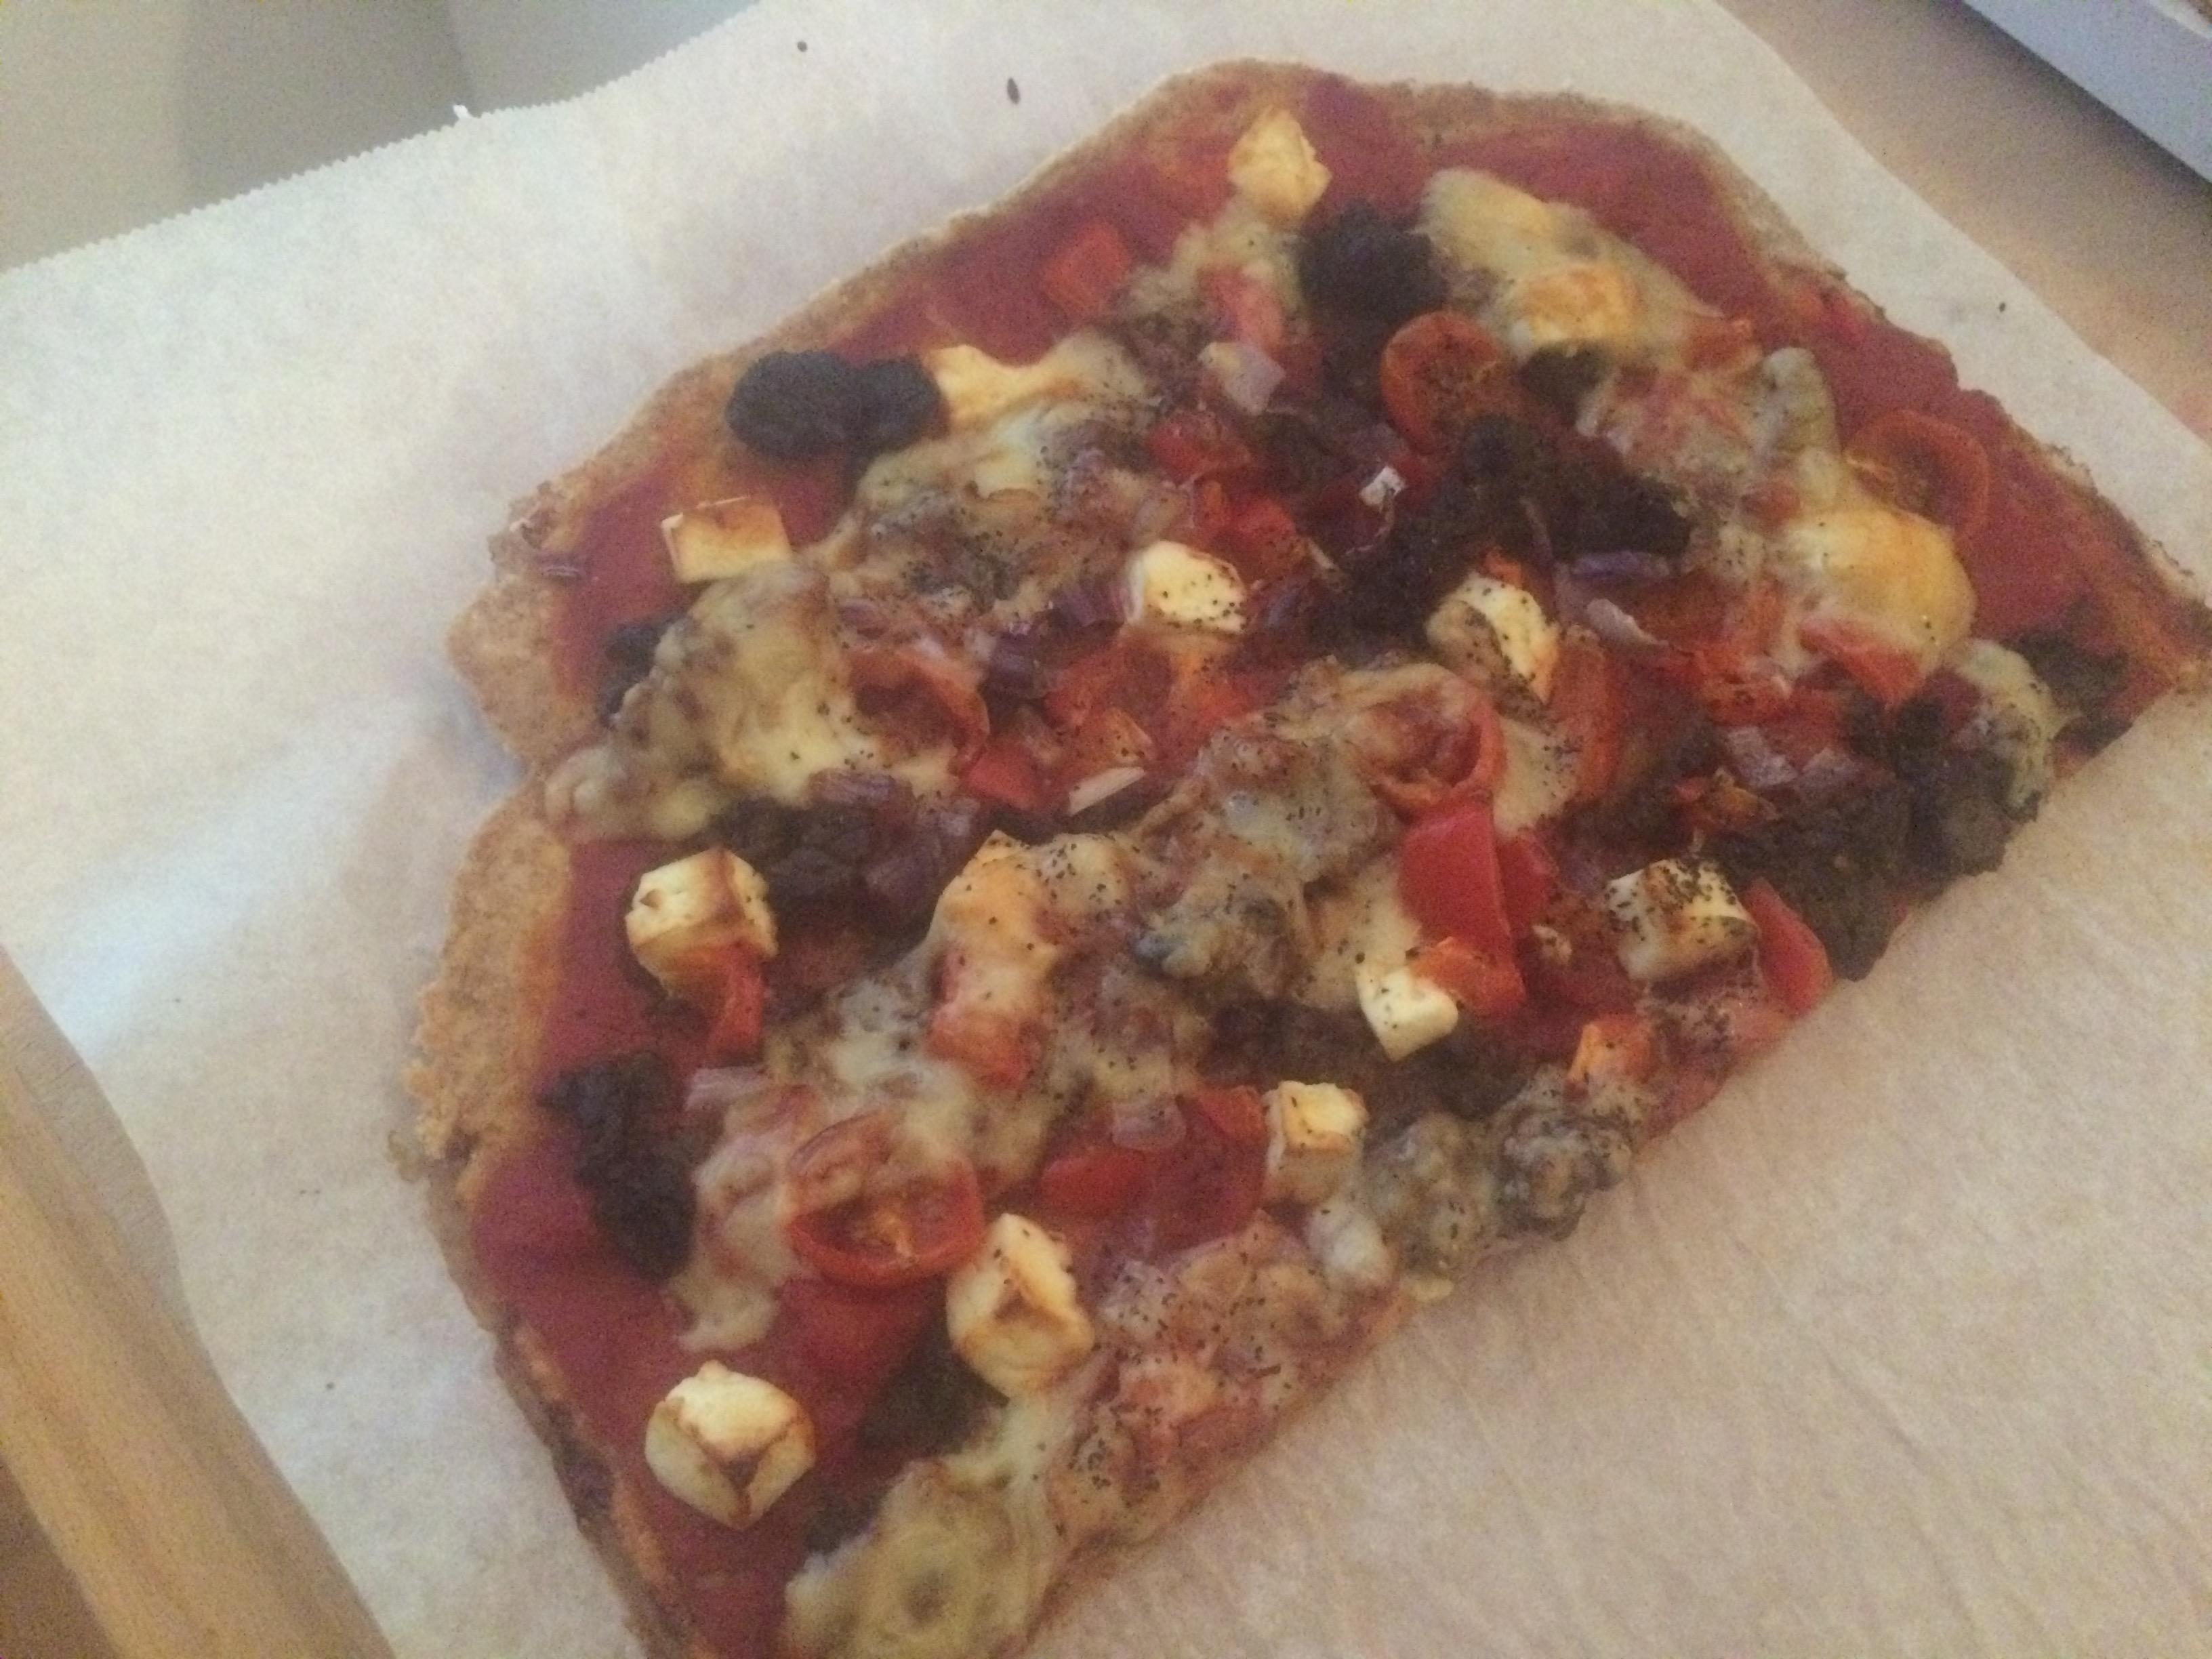 Alltid gott med hemmagjorda pizzor, på denna hade jag, lövbiff, tomater, fetaost, lök, krossade tomater och ost.